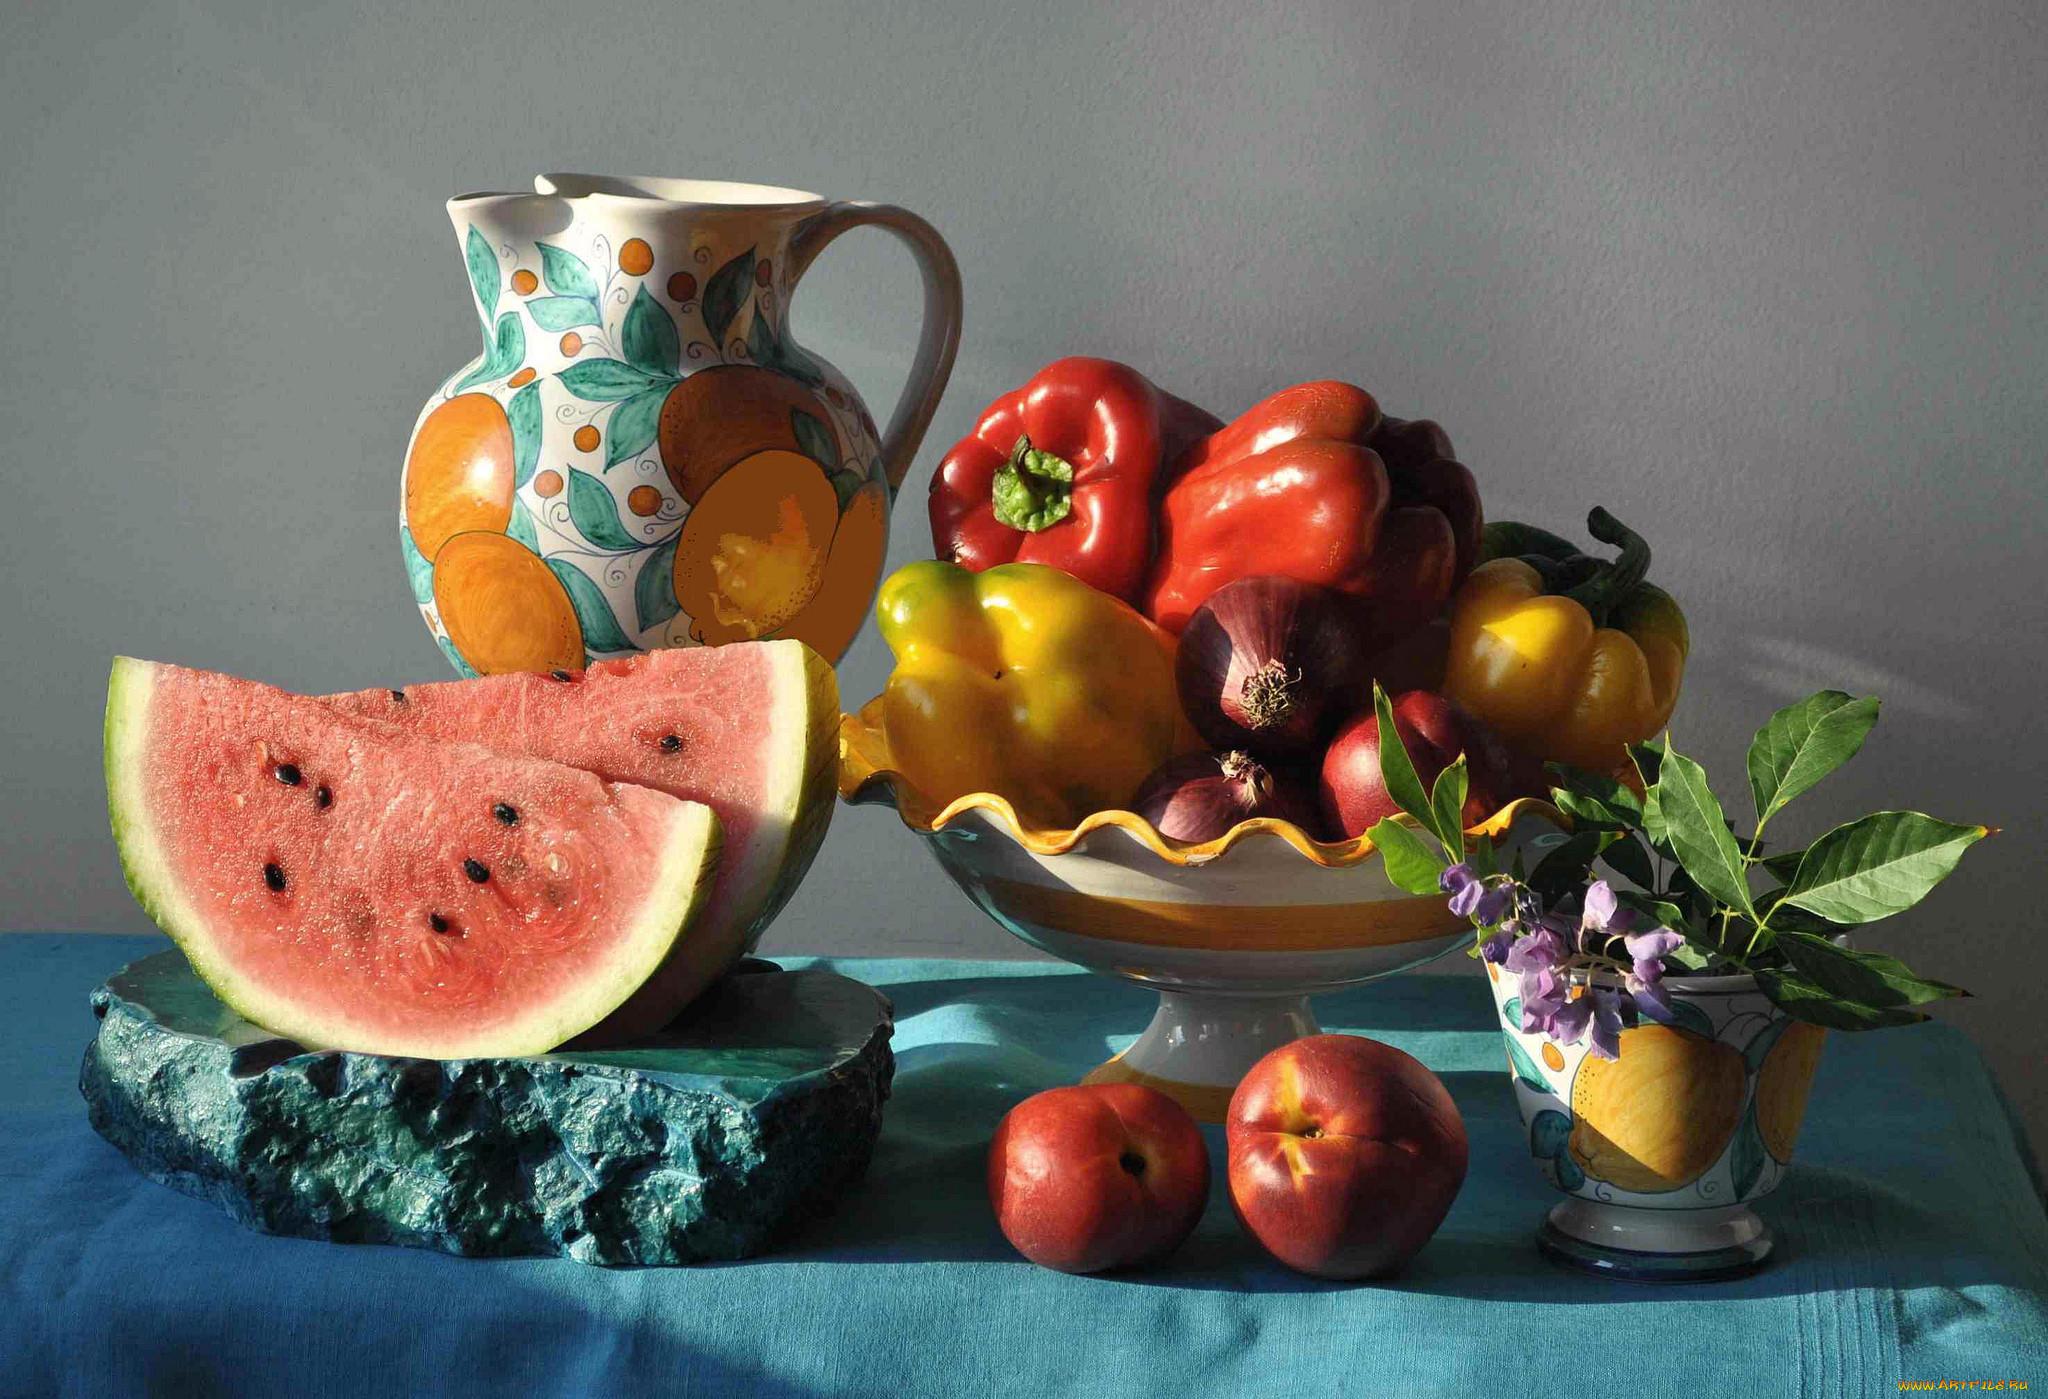 очень фото еды с композицией по цветовому признаку или шарфов-труб